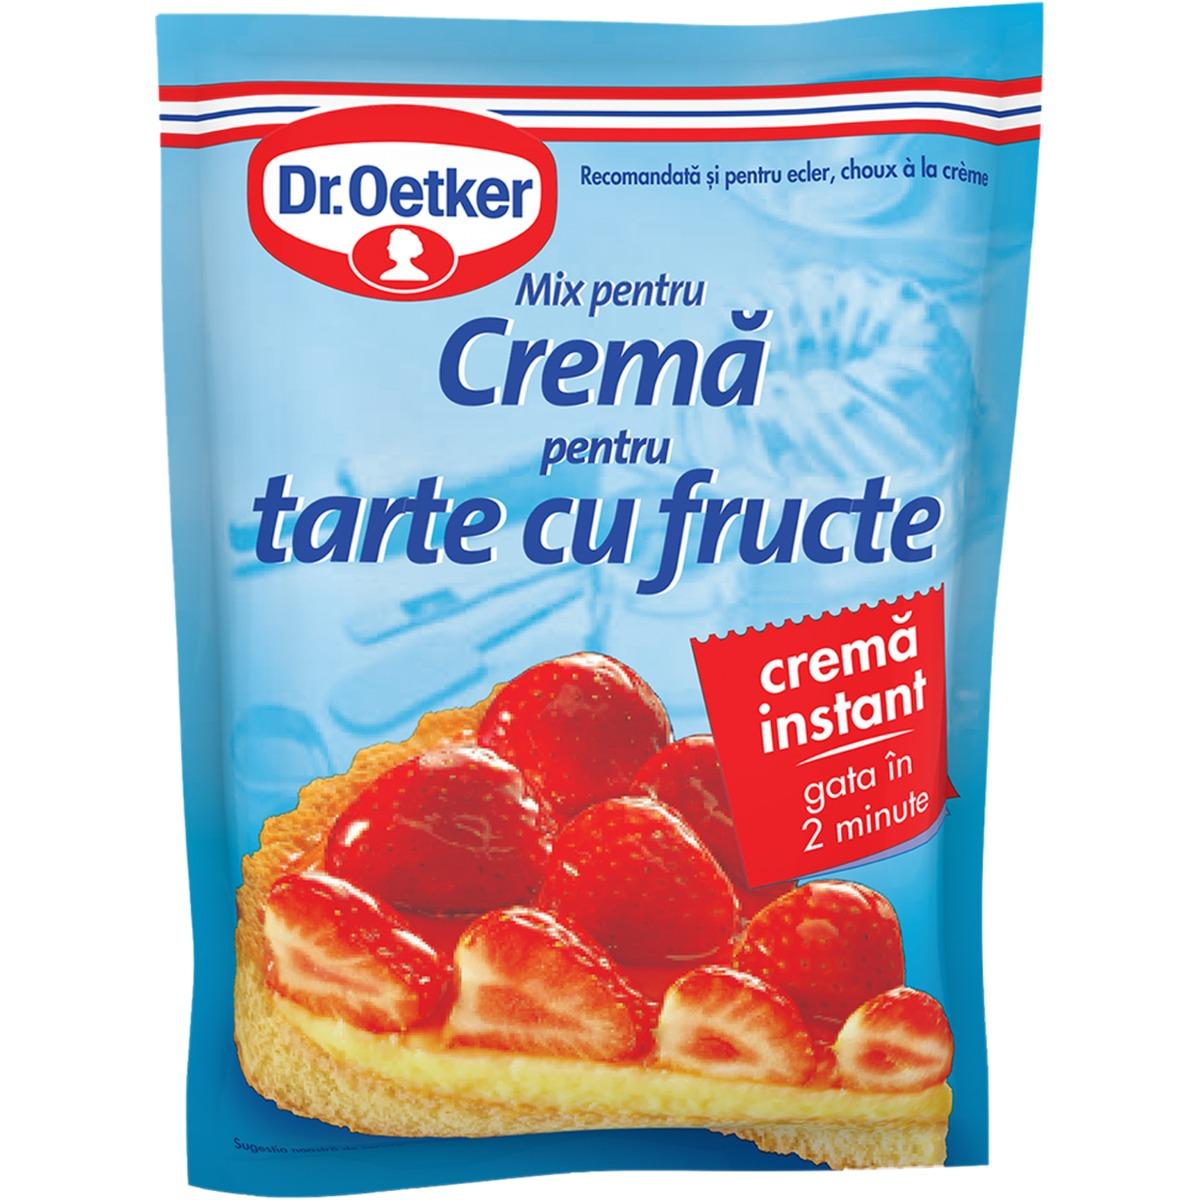 Crema pentru tarte cu fructe Dr Oetker, 55 g imagine